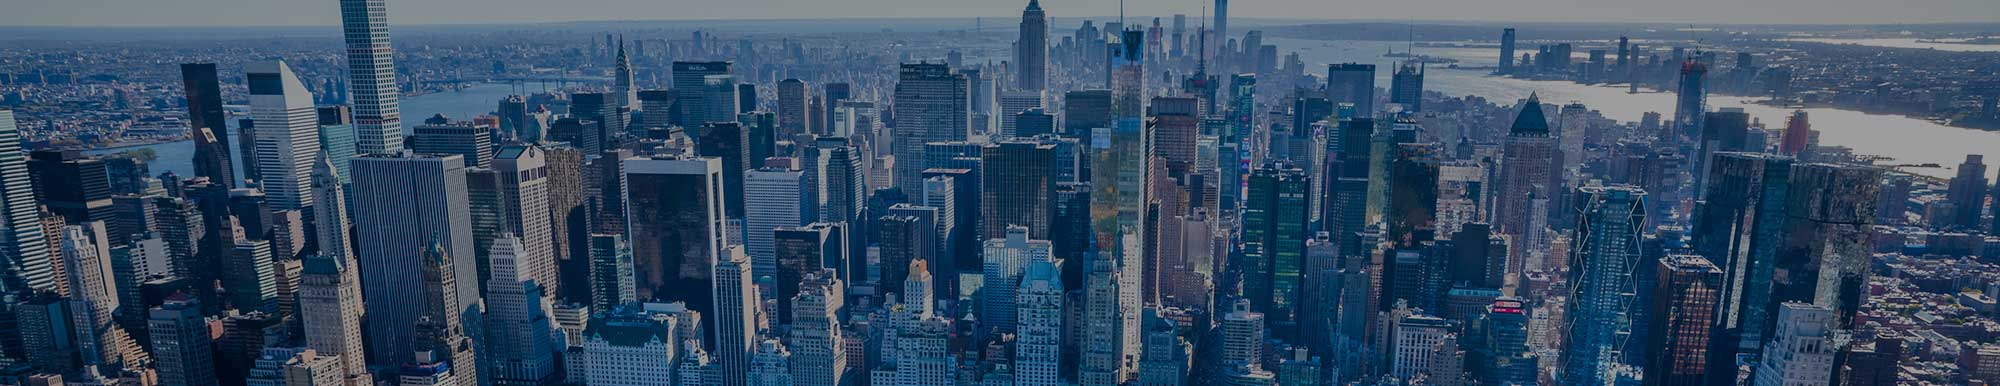 cdpap program Manhattan